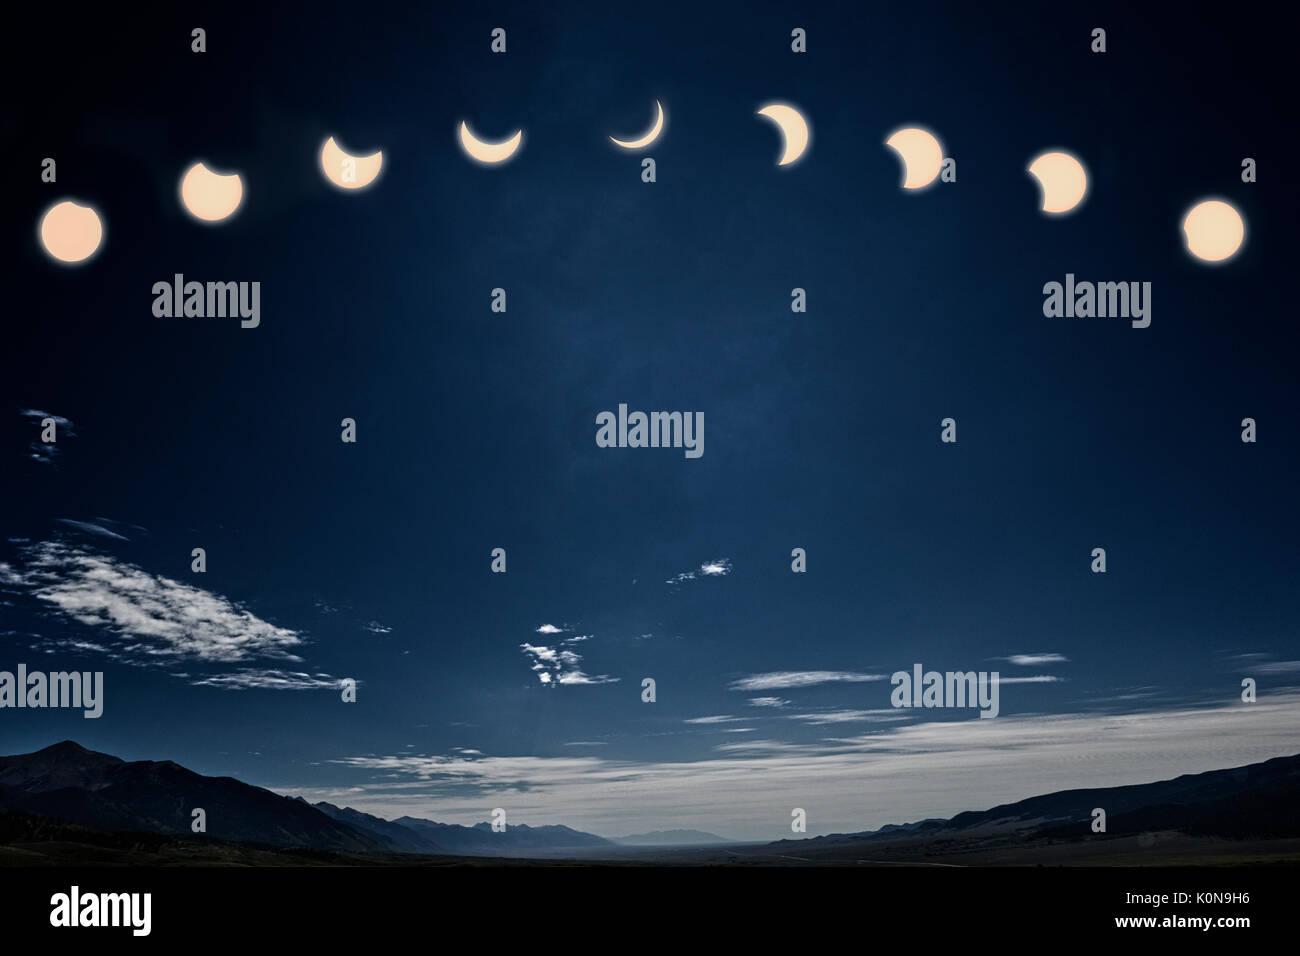 Foto der 12:00 Uhr Sonnenfinsternis; der Mond zwischen Erde und Sonne Stockbild